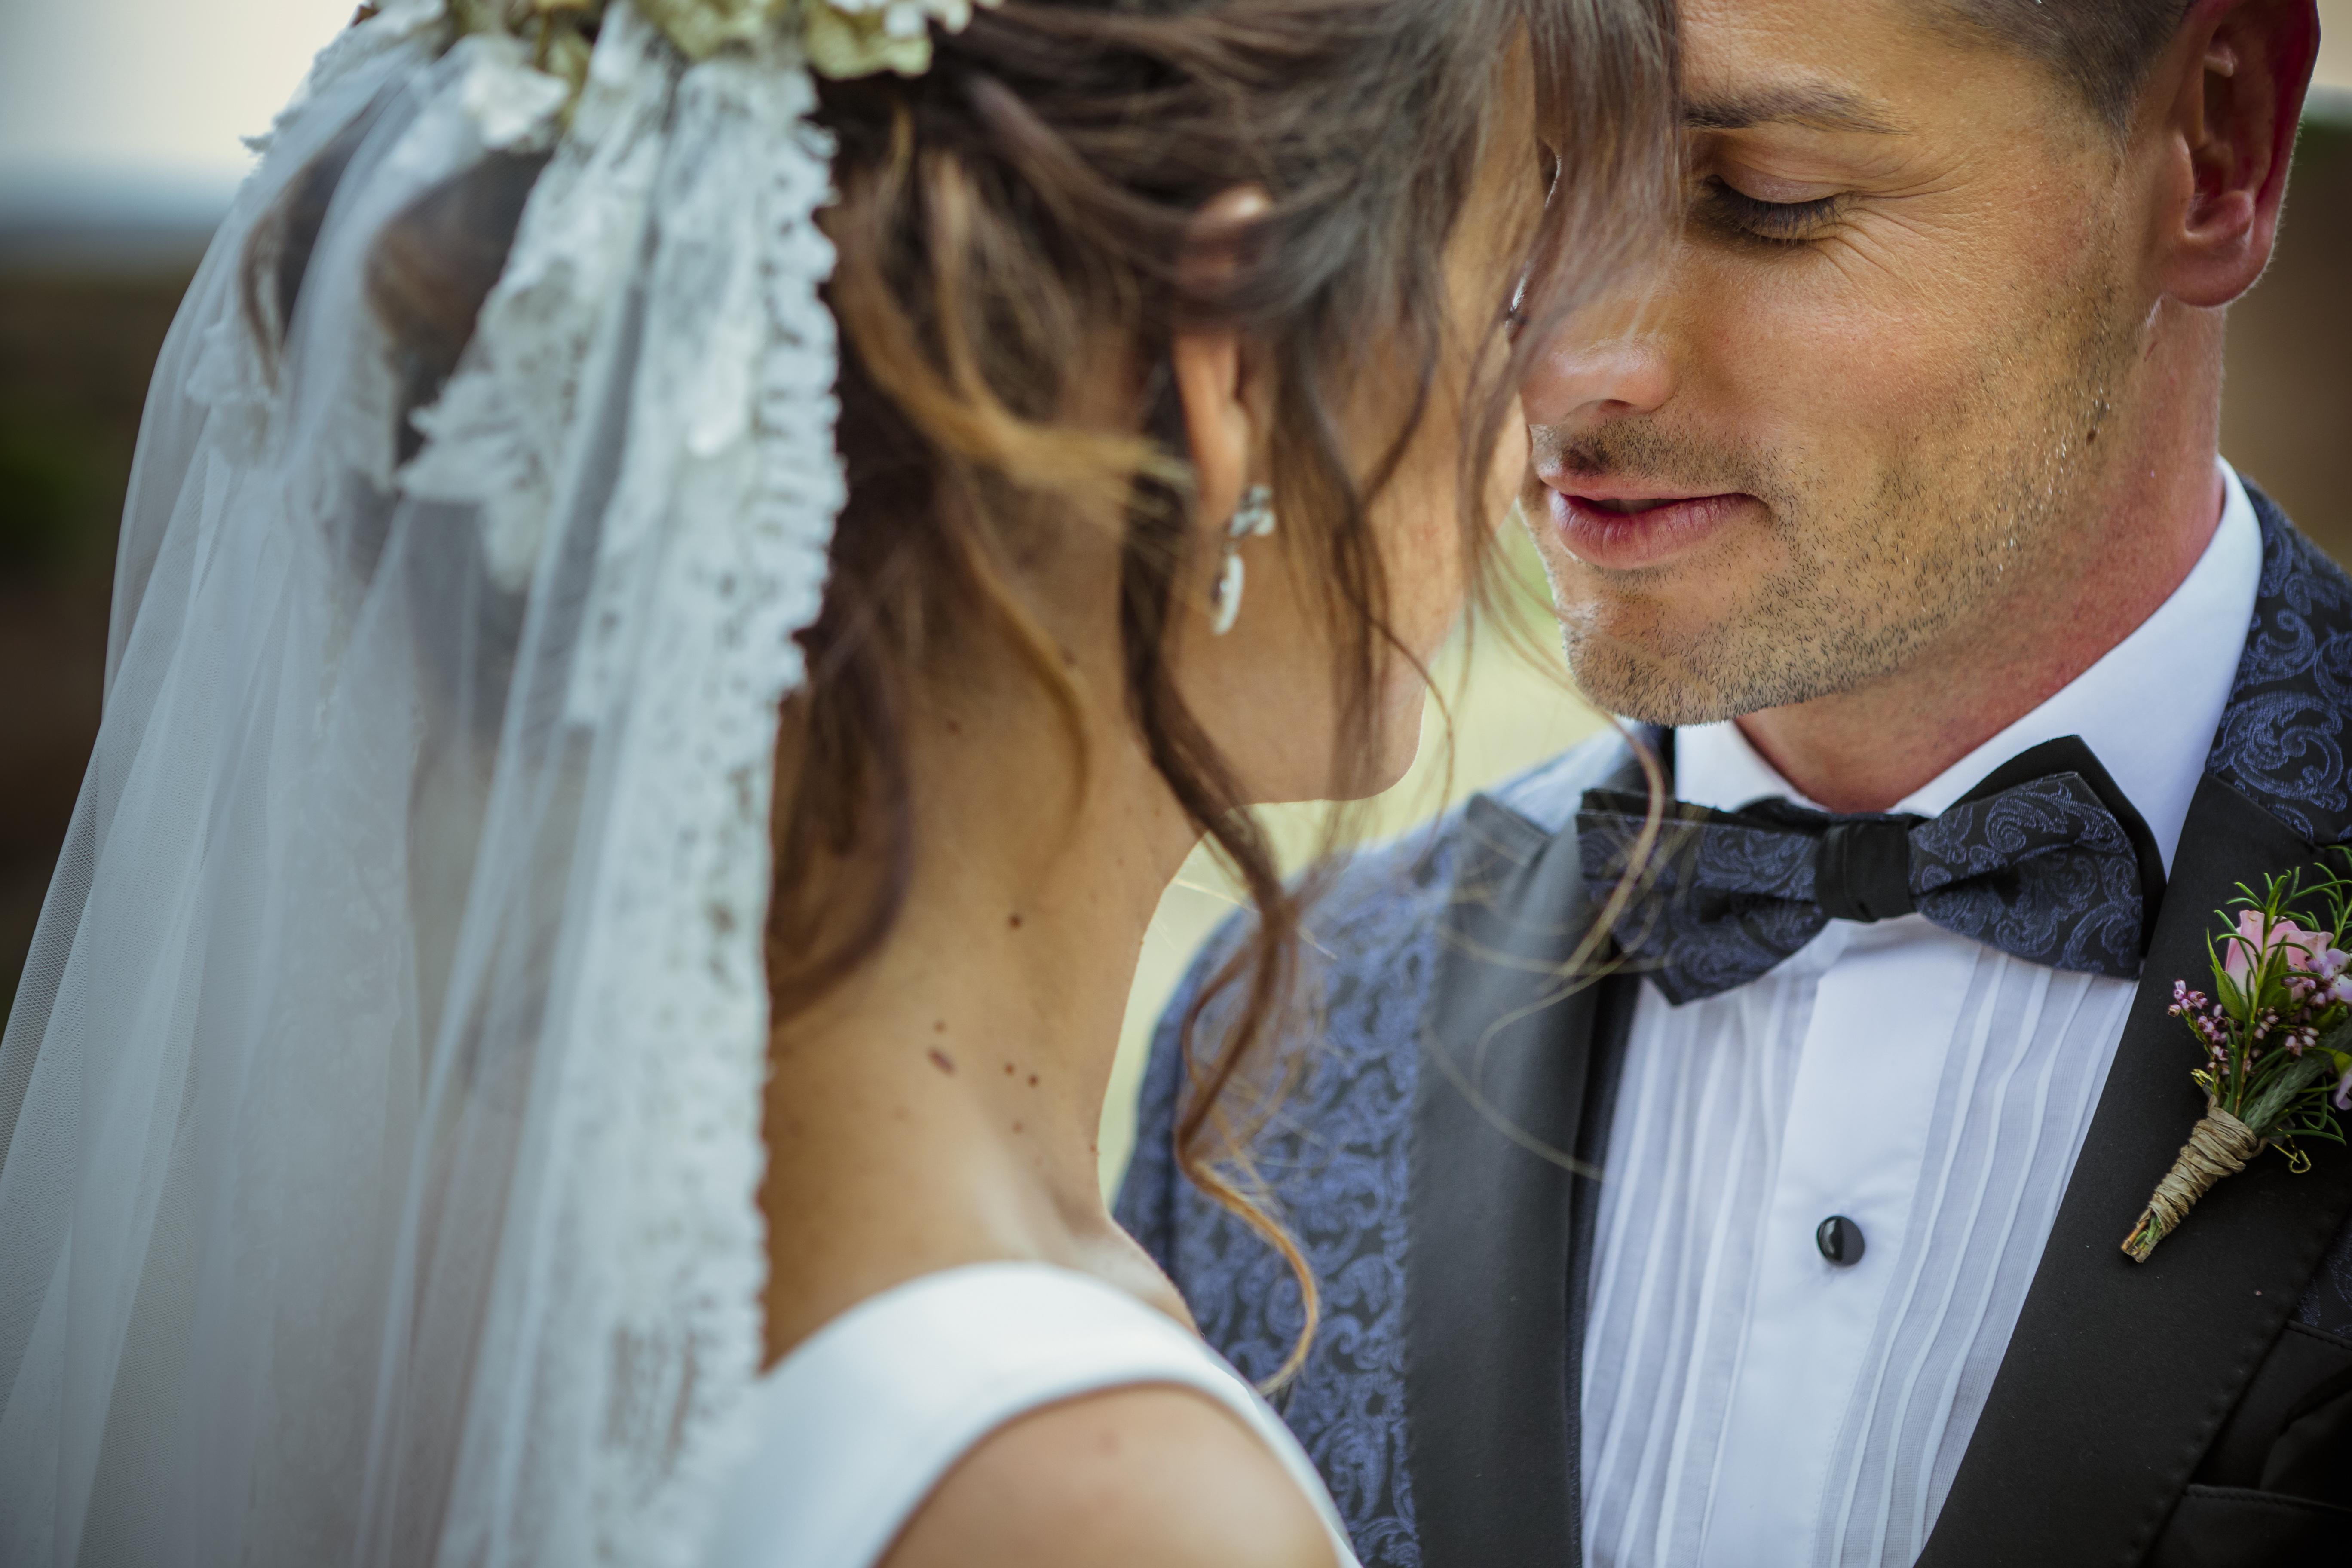 mandarina wedding, fotografos de boda, fotoperiodismo de boda, mejores fotografos de boda, bodas soria, bodas pirineo, bodas Madrid, fotógrafo daroca_25